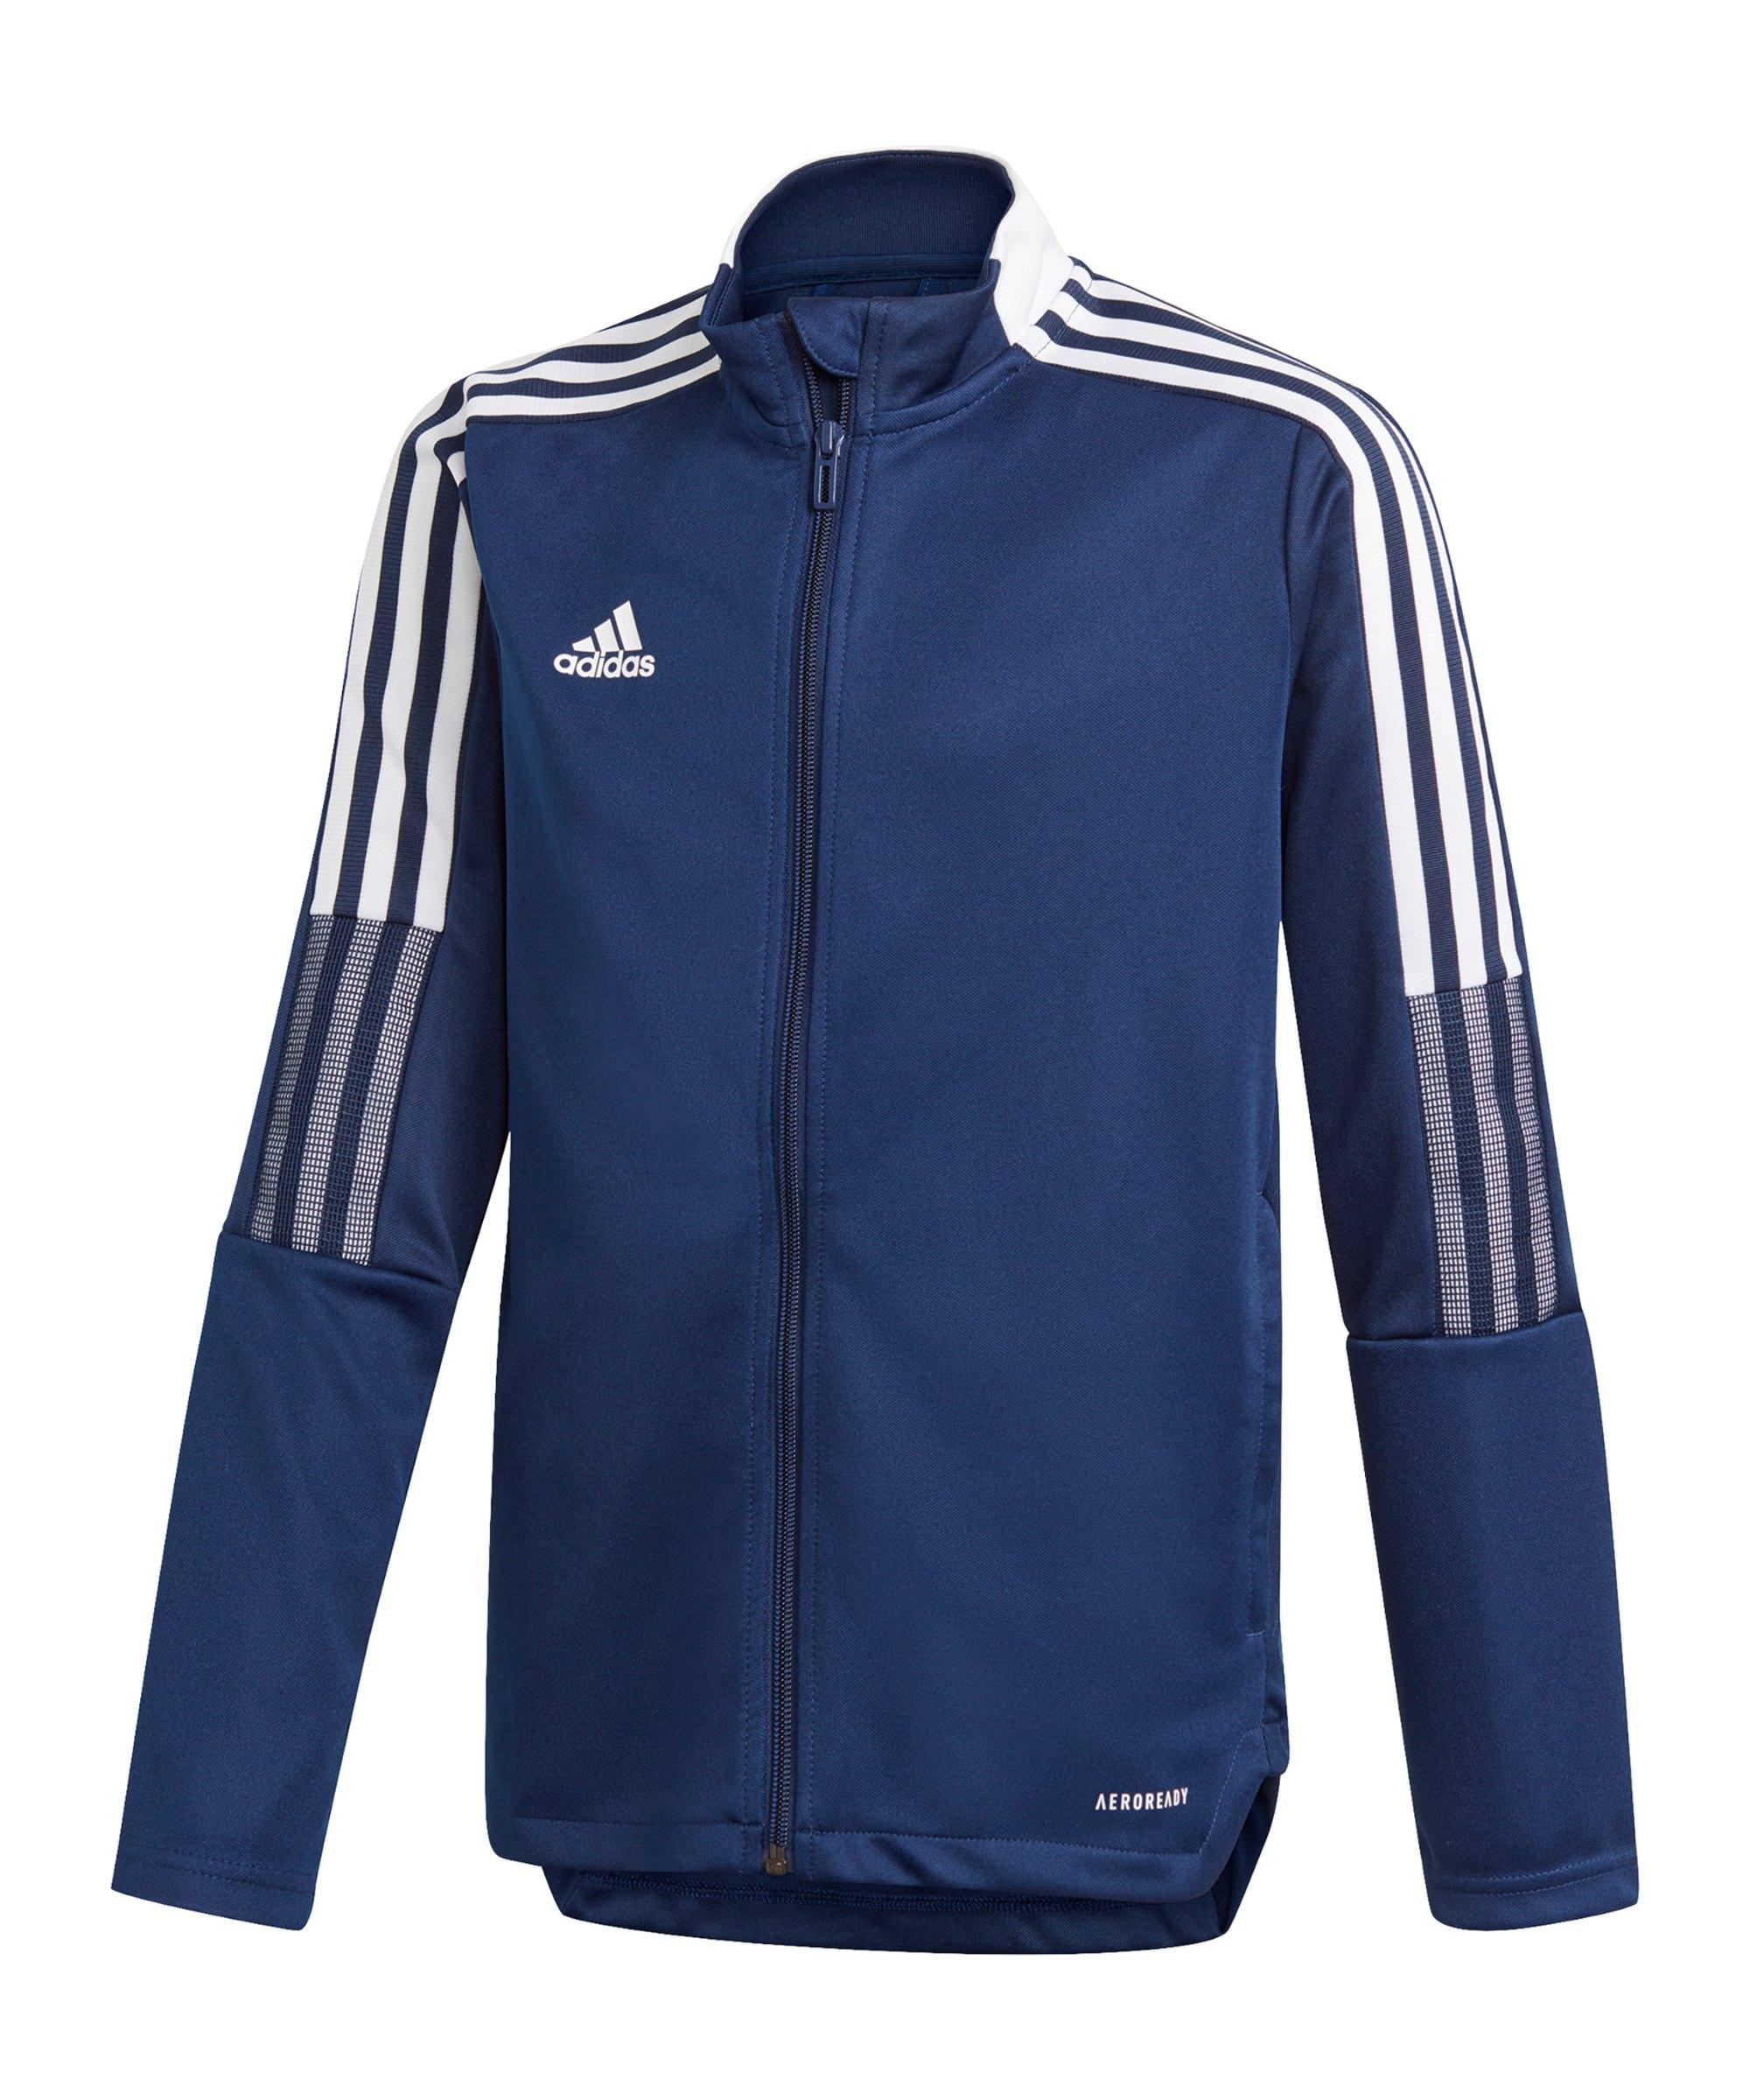 adidas Tiro 21 Trainingsjacke Kids Dunkelblau - blau